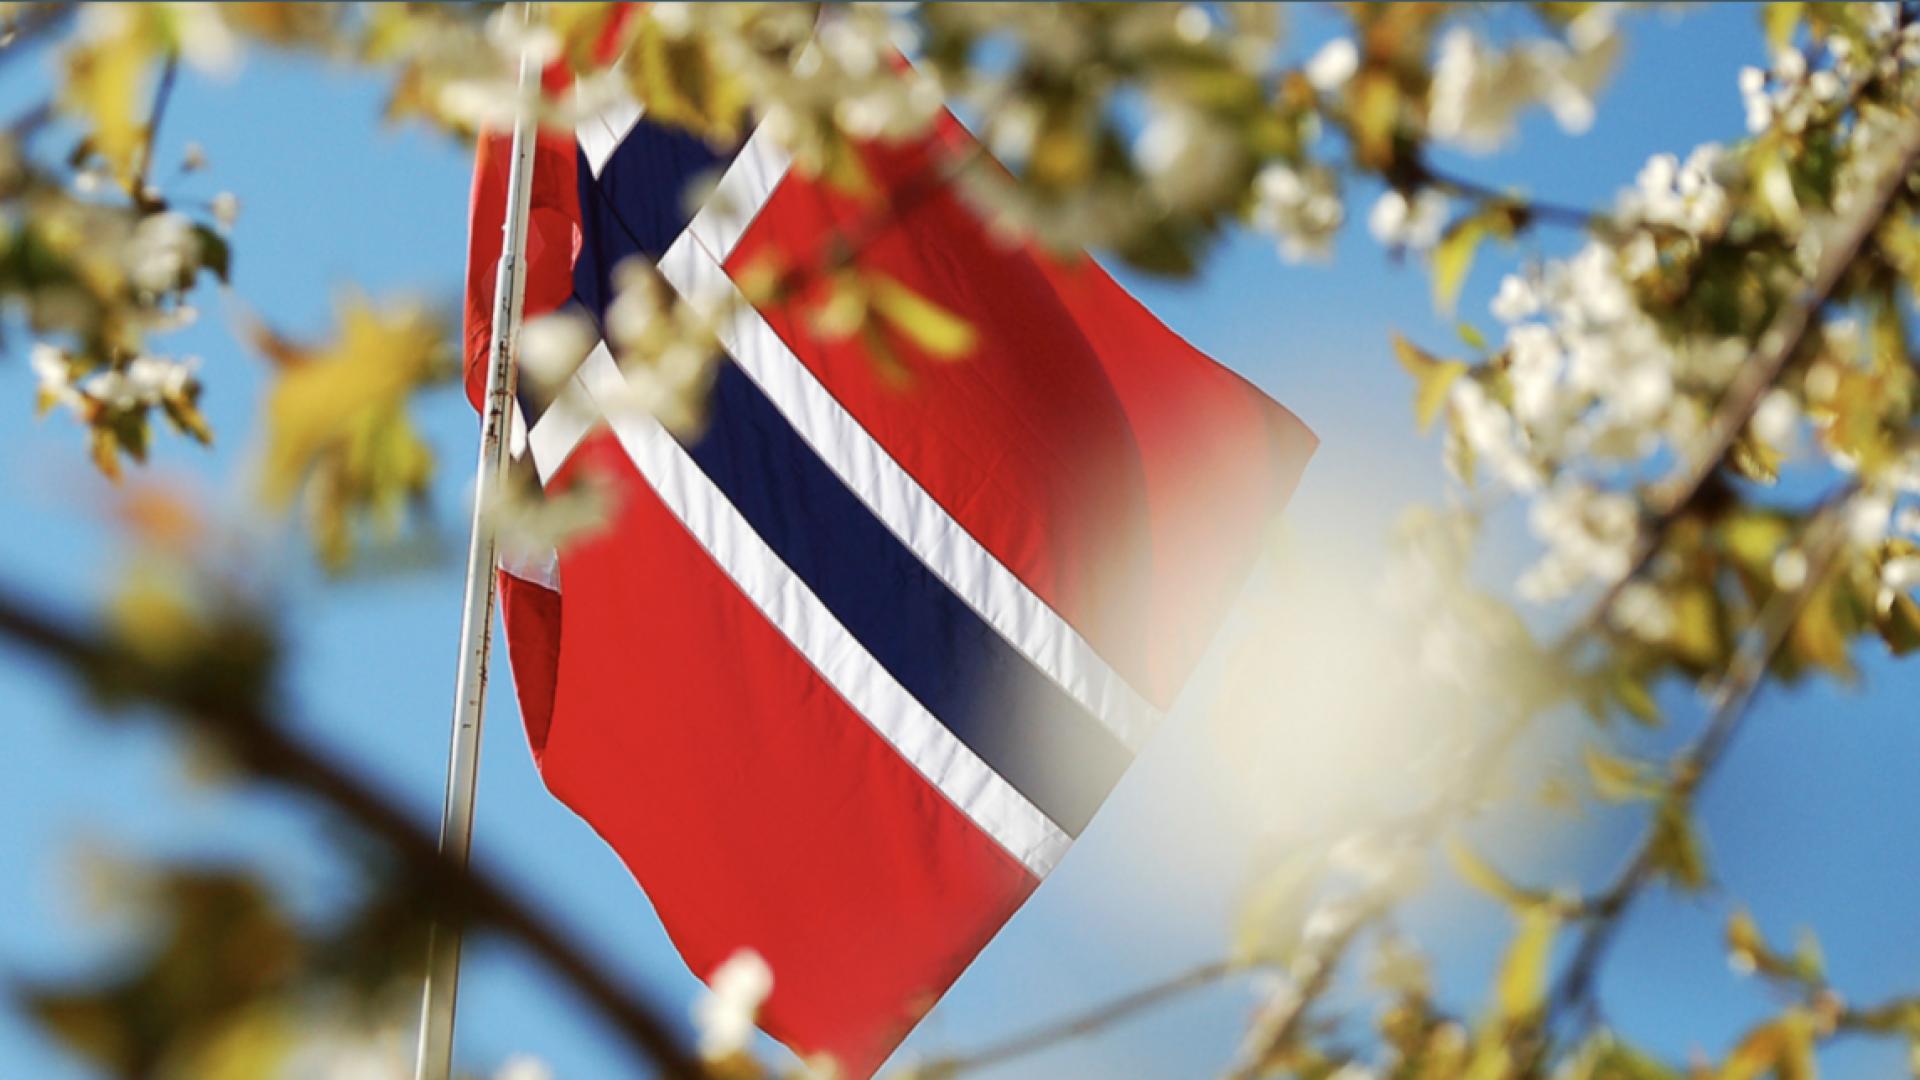 norsk flagg gjennom blader